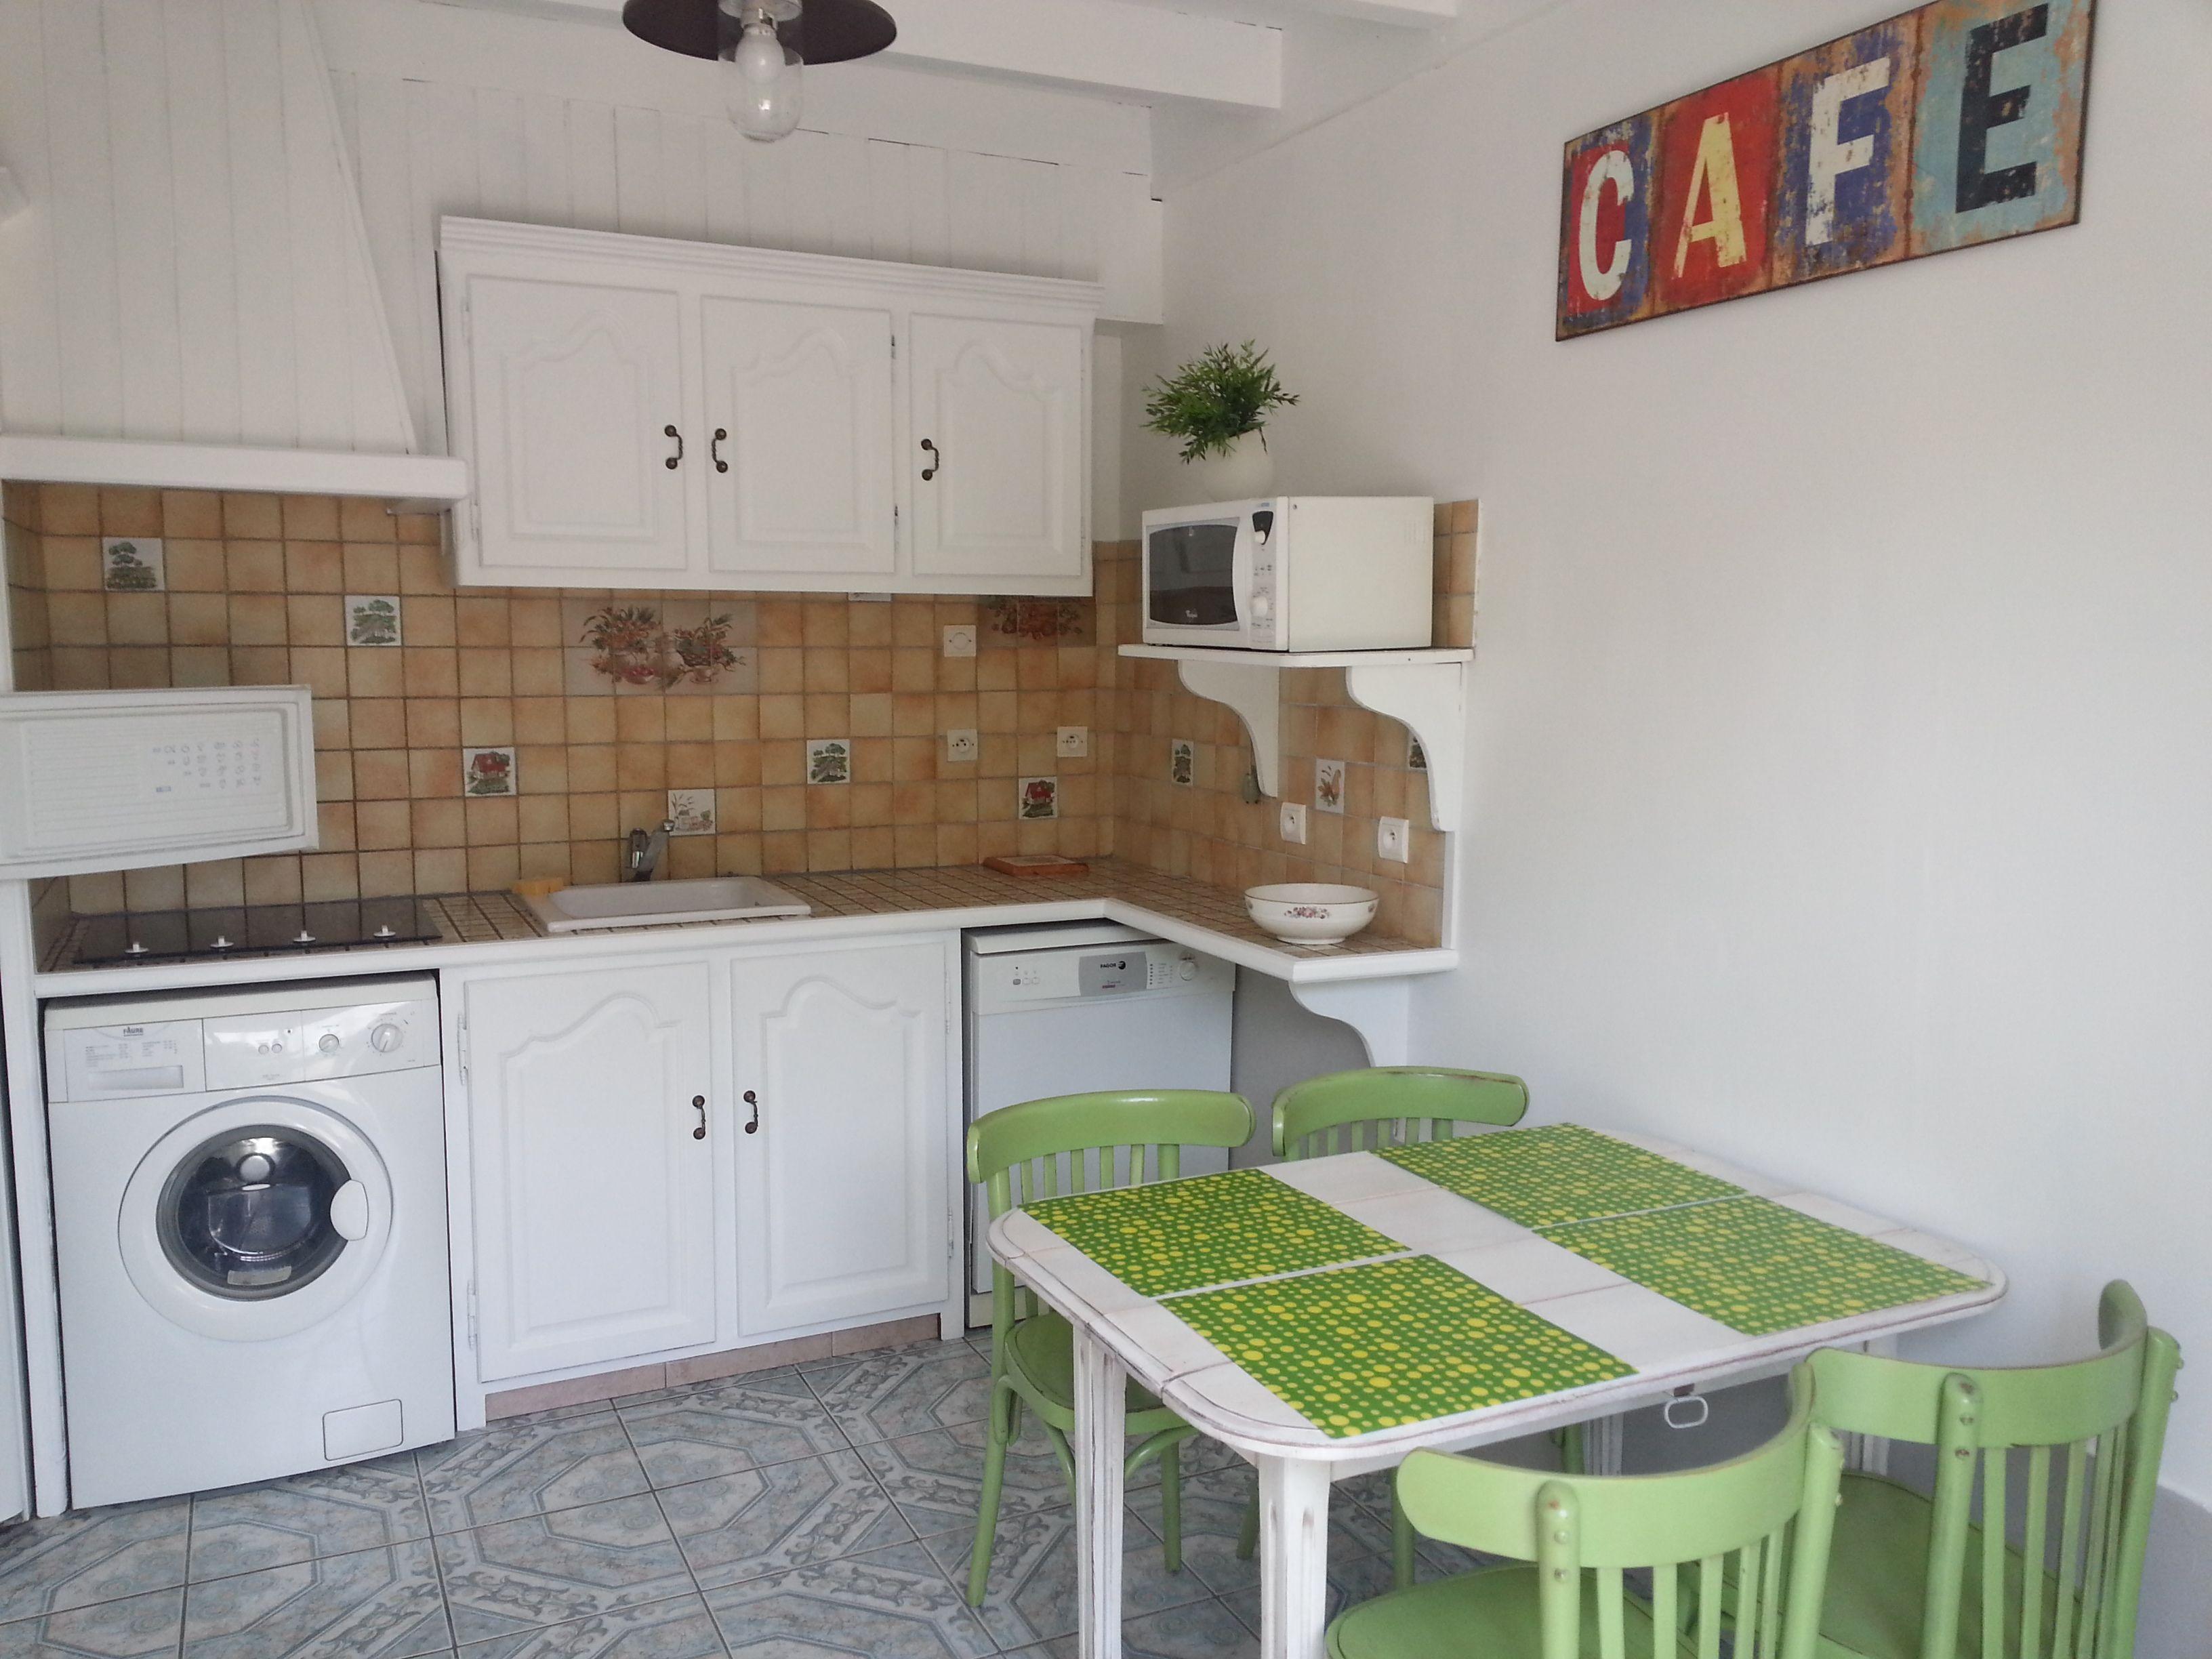 cuisine am nag e plaque de cuisson four lectrique micro ondes frigo cong lateur lave. Black Bedroom Furniture Sets. Home Design Ideas